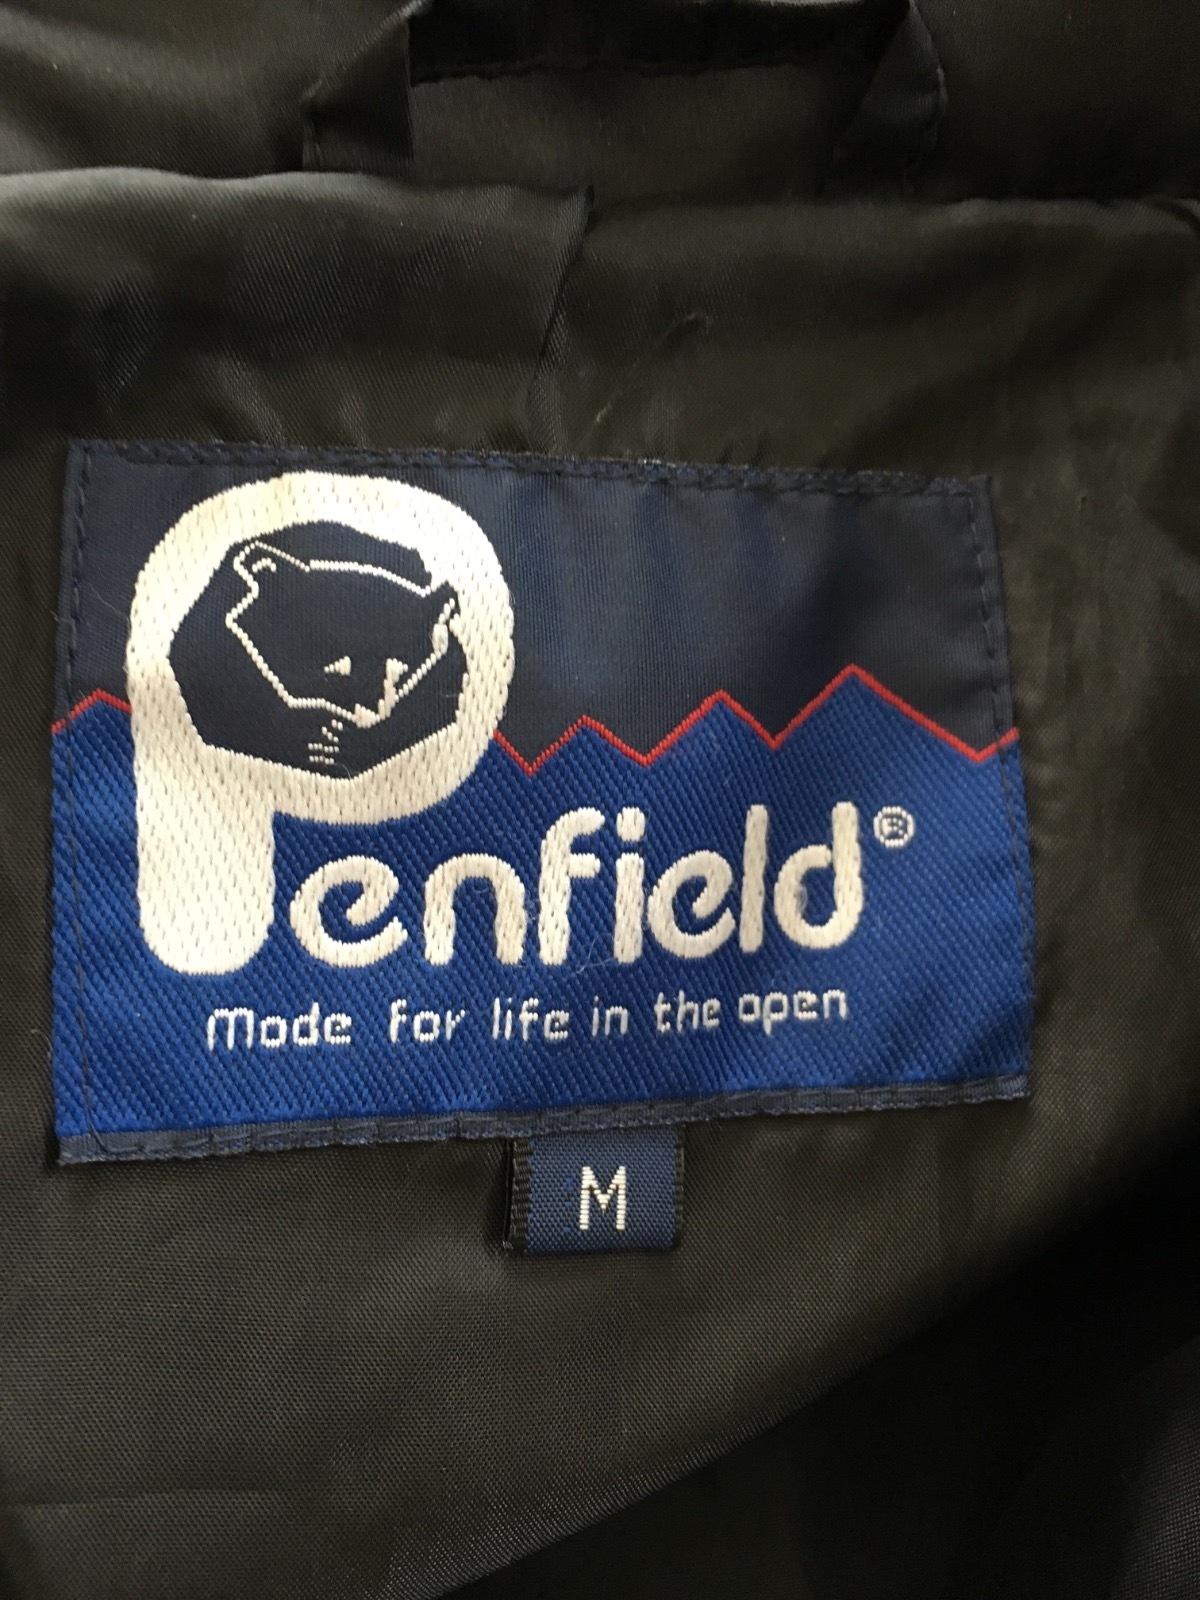 Penfield(ペンフィールド)のダウンジャケット